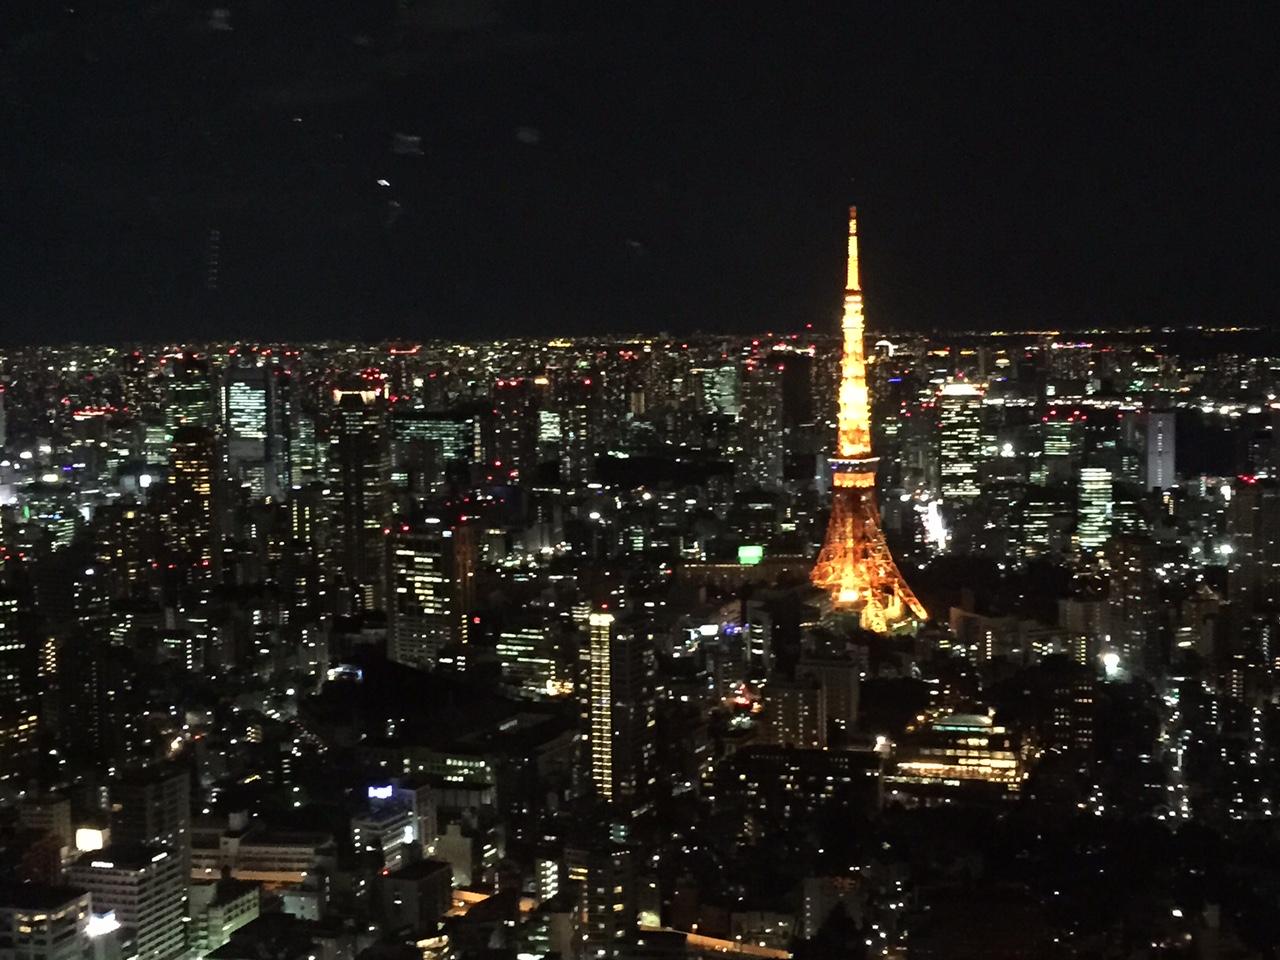 六本木ヒルズ森タワー52階 最高のロケーションで超激安のフレンチ料理!